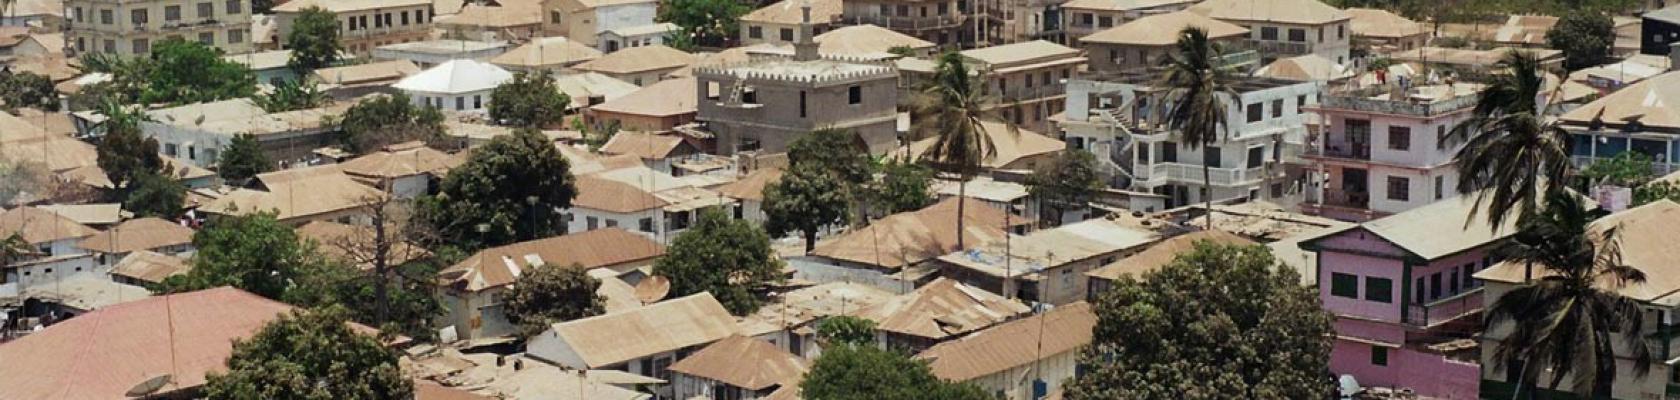 Banjul, capitale Gambie